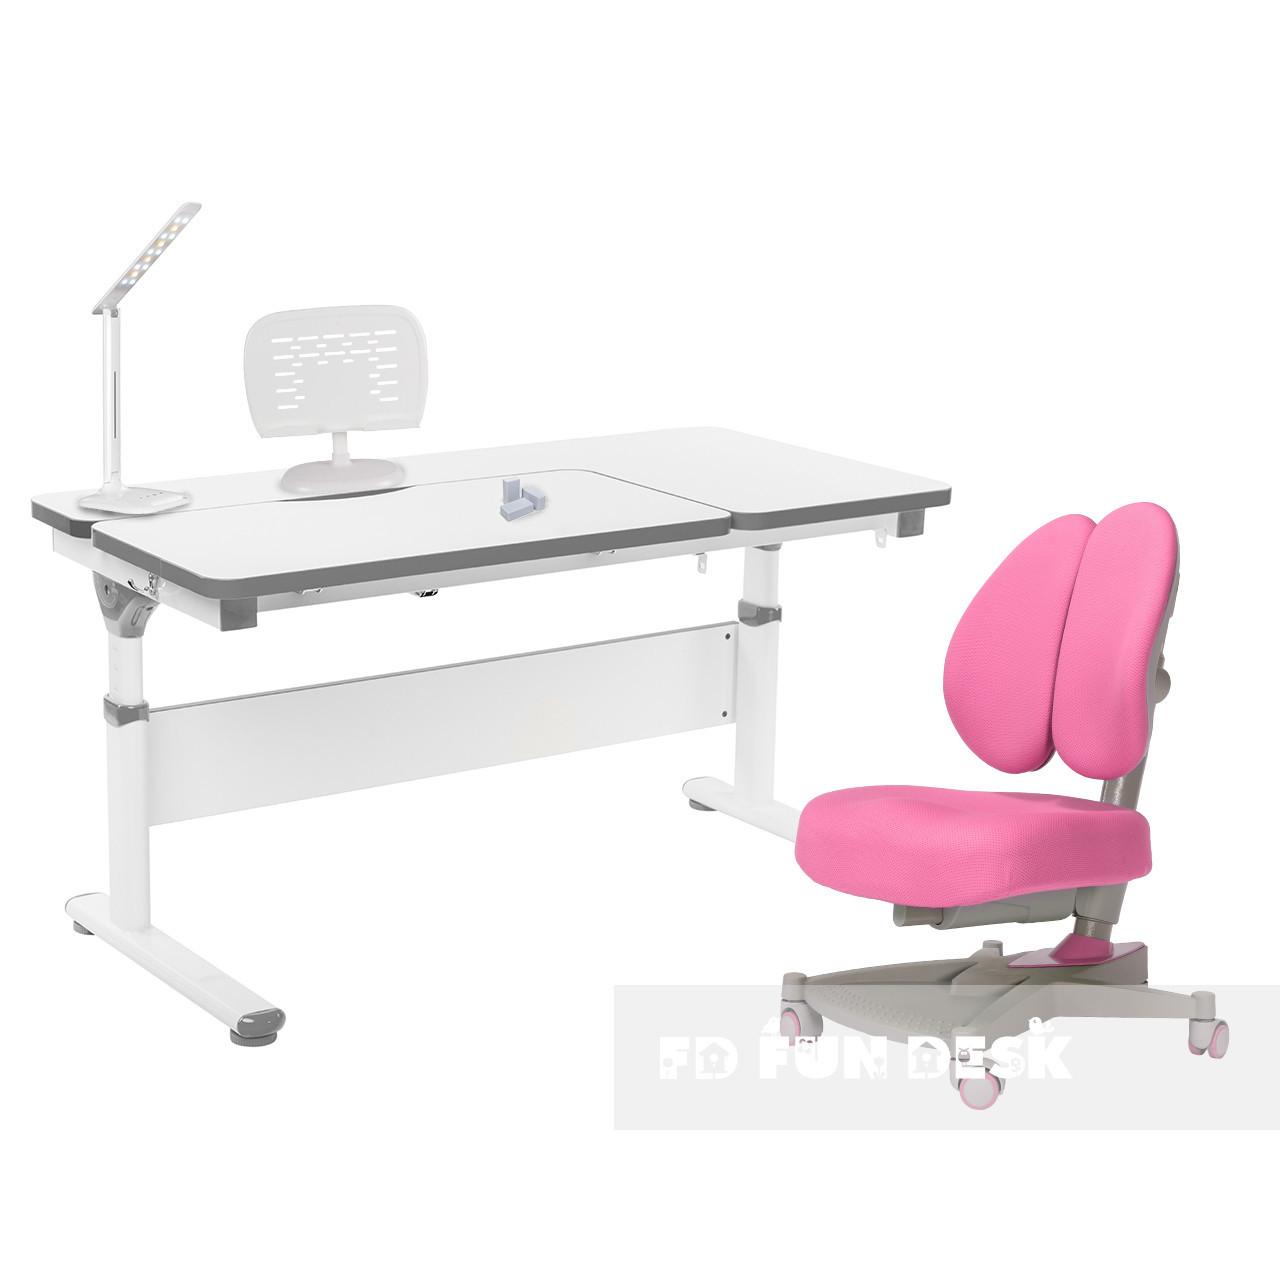 Комплект парта Creare Grey + дитяче ортопедичне крісло Contento Pink FunDesk